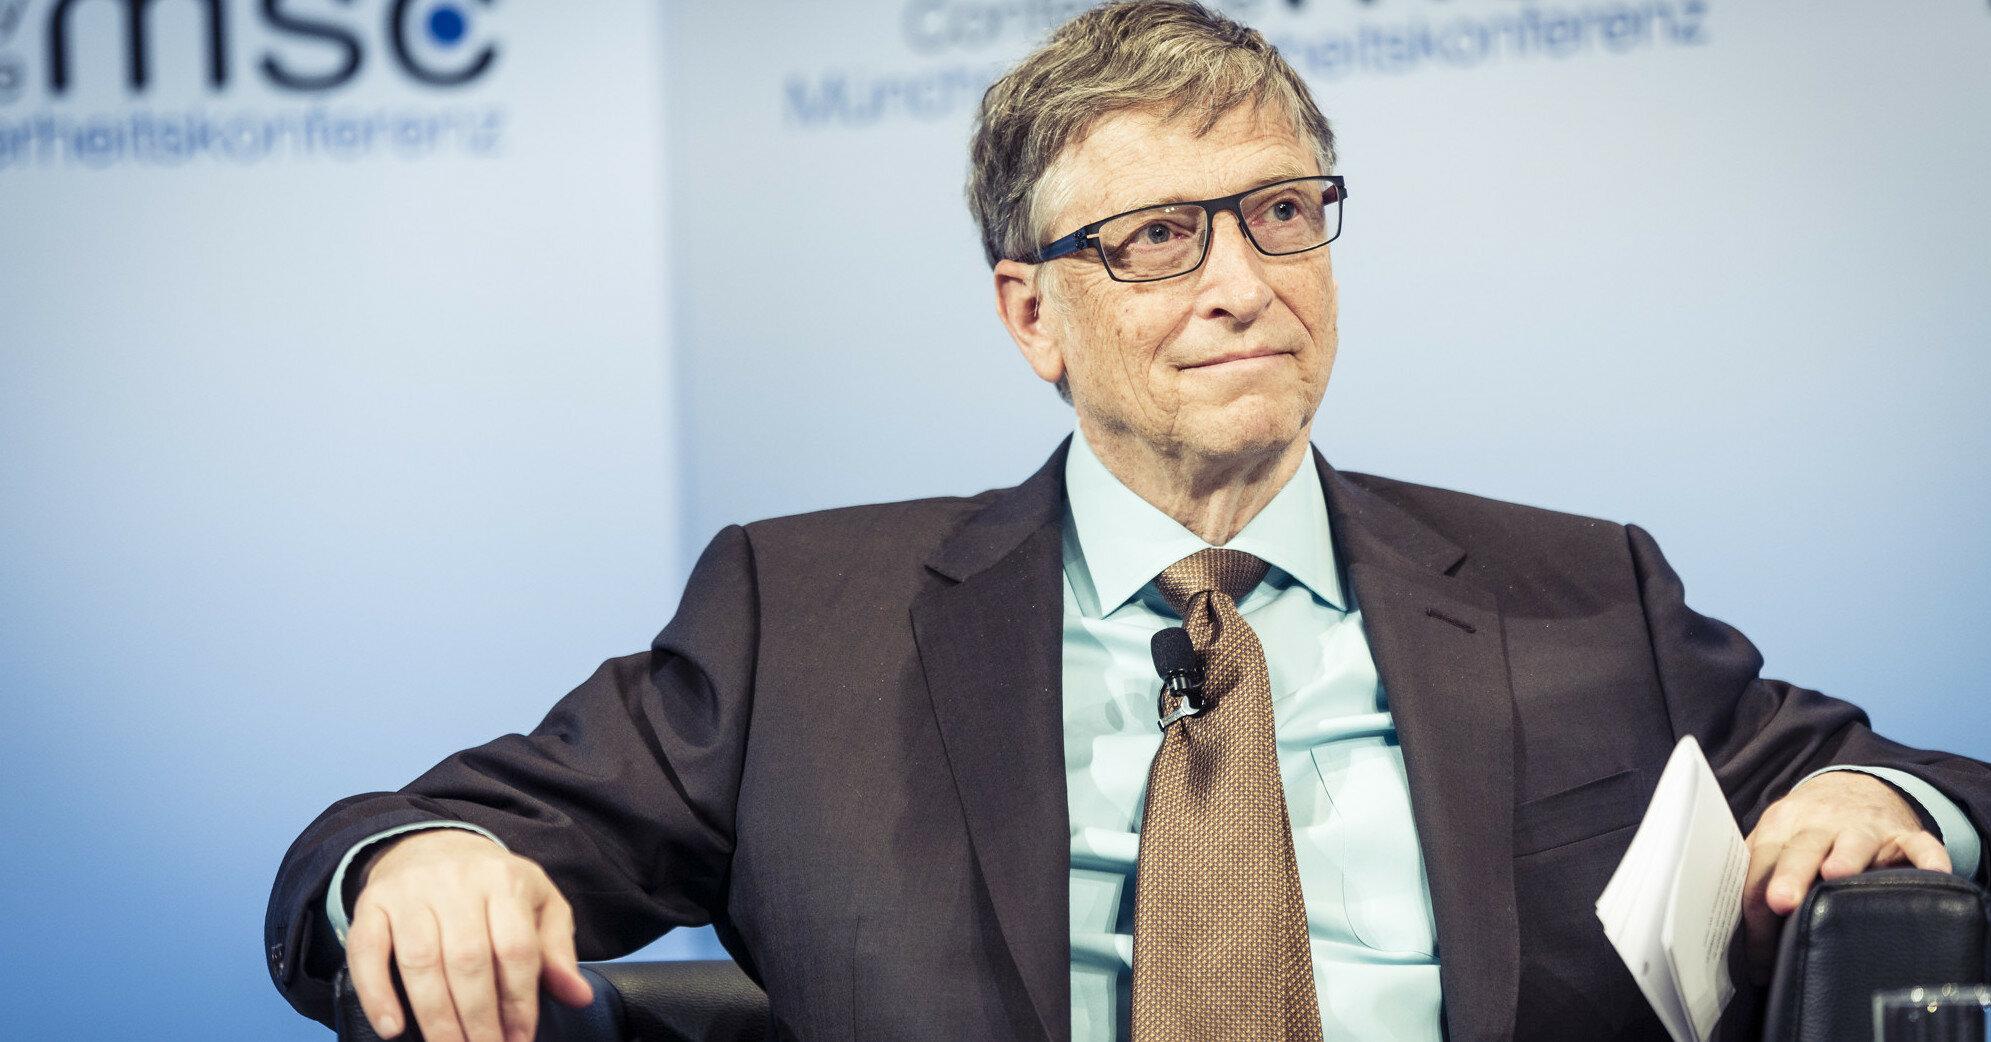 Развод Билла Гейтса может стать самым дорогим в мире – Forbes